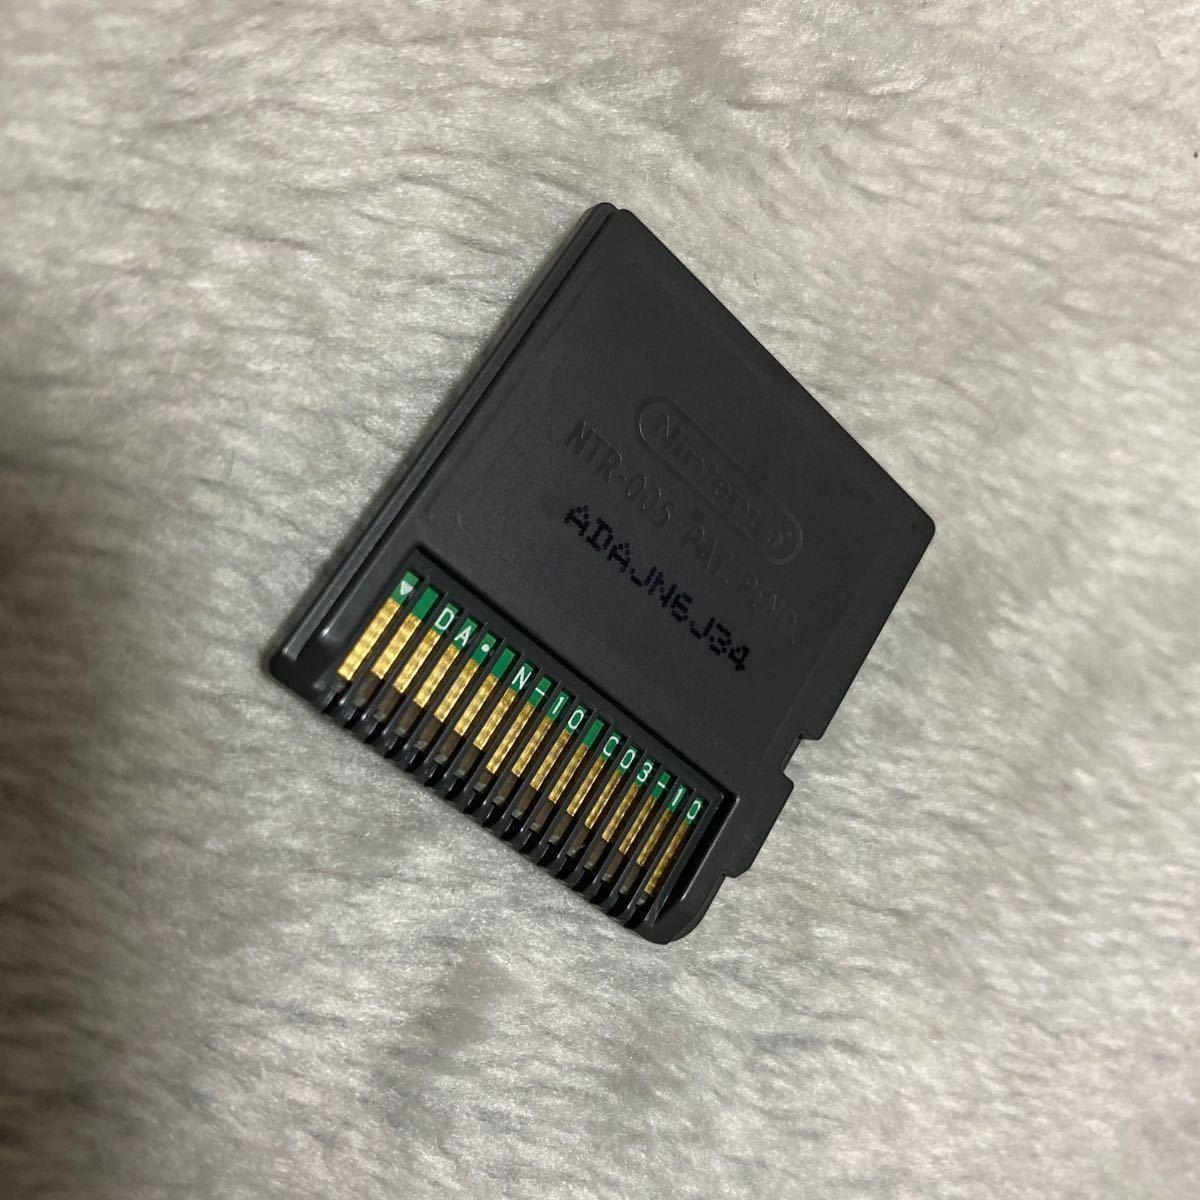 DSソフト ポケットモンスターダイヤモンド ポケモン 任天堂 ソフト